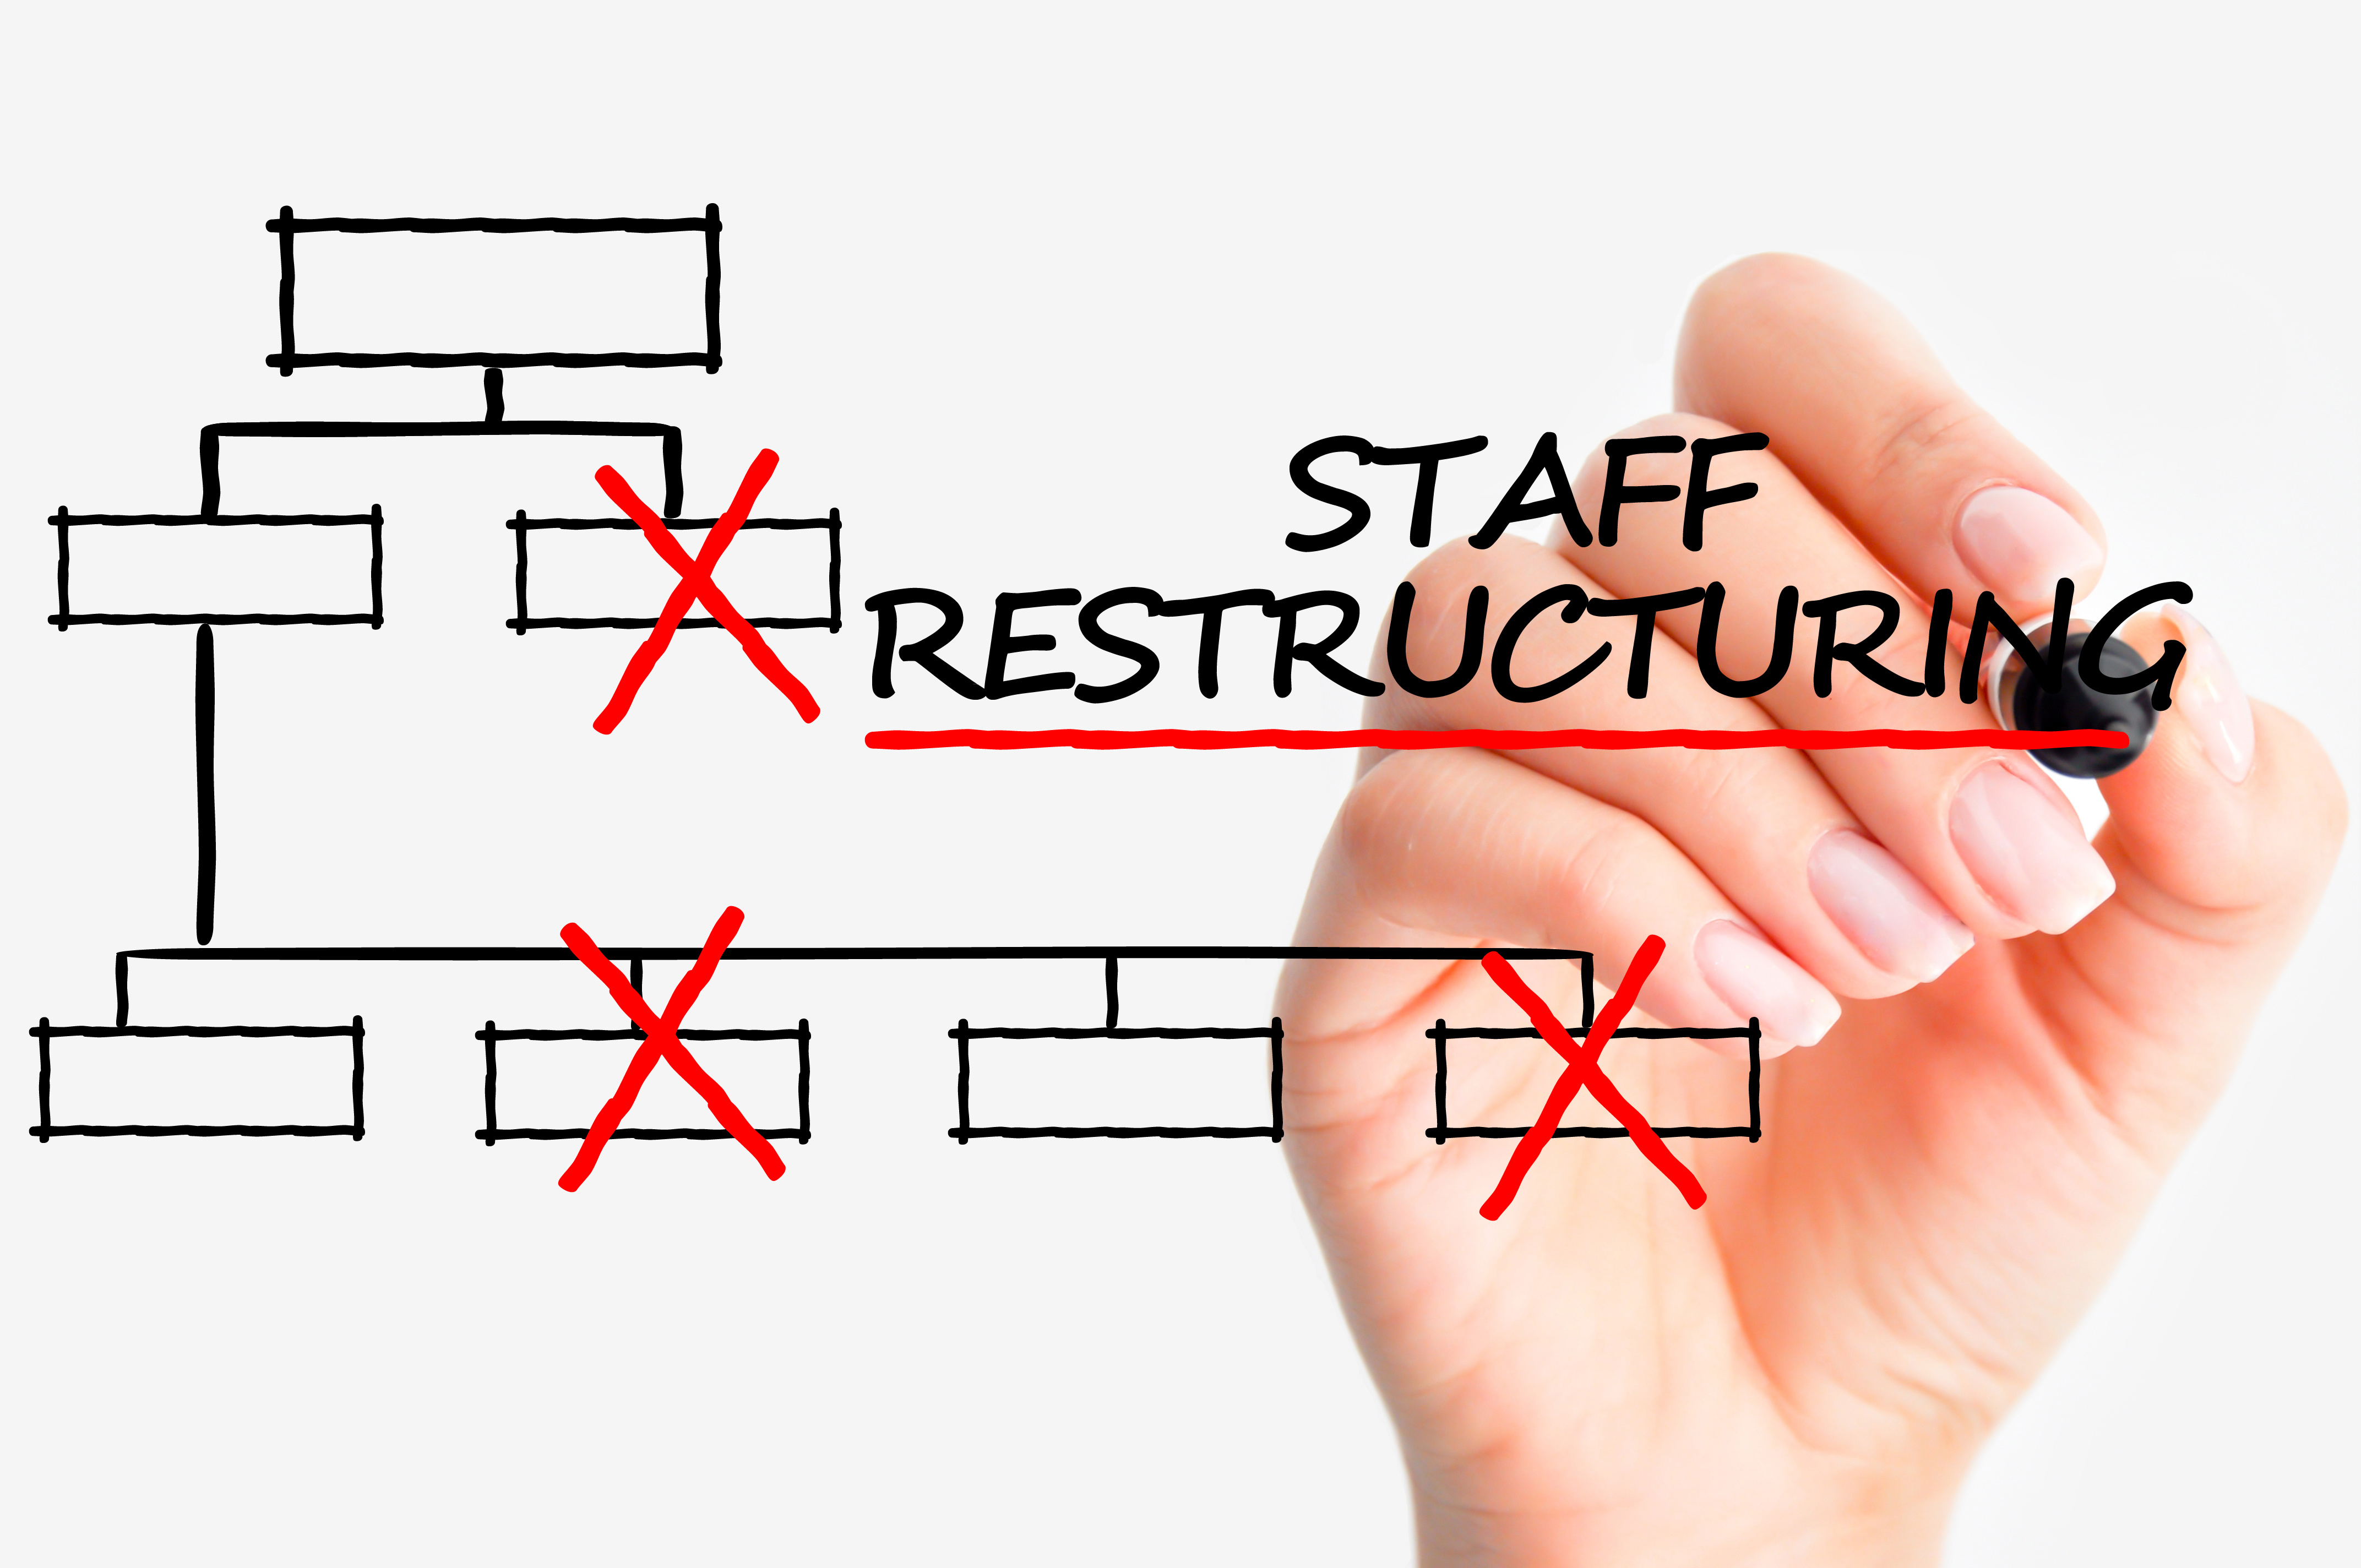 Staff restructuring